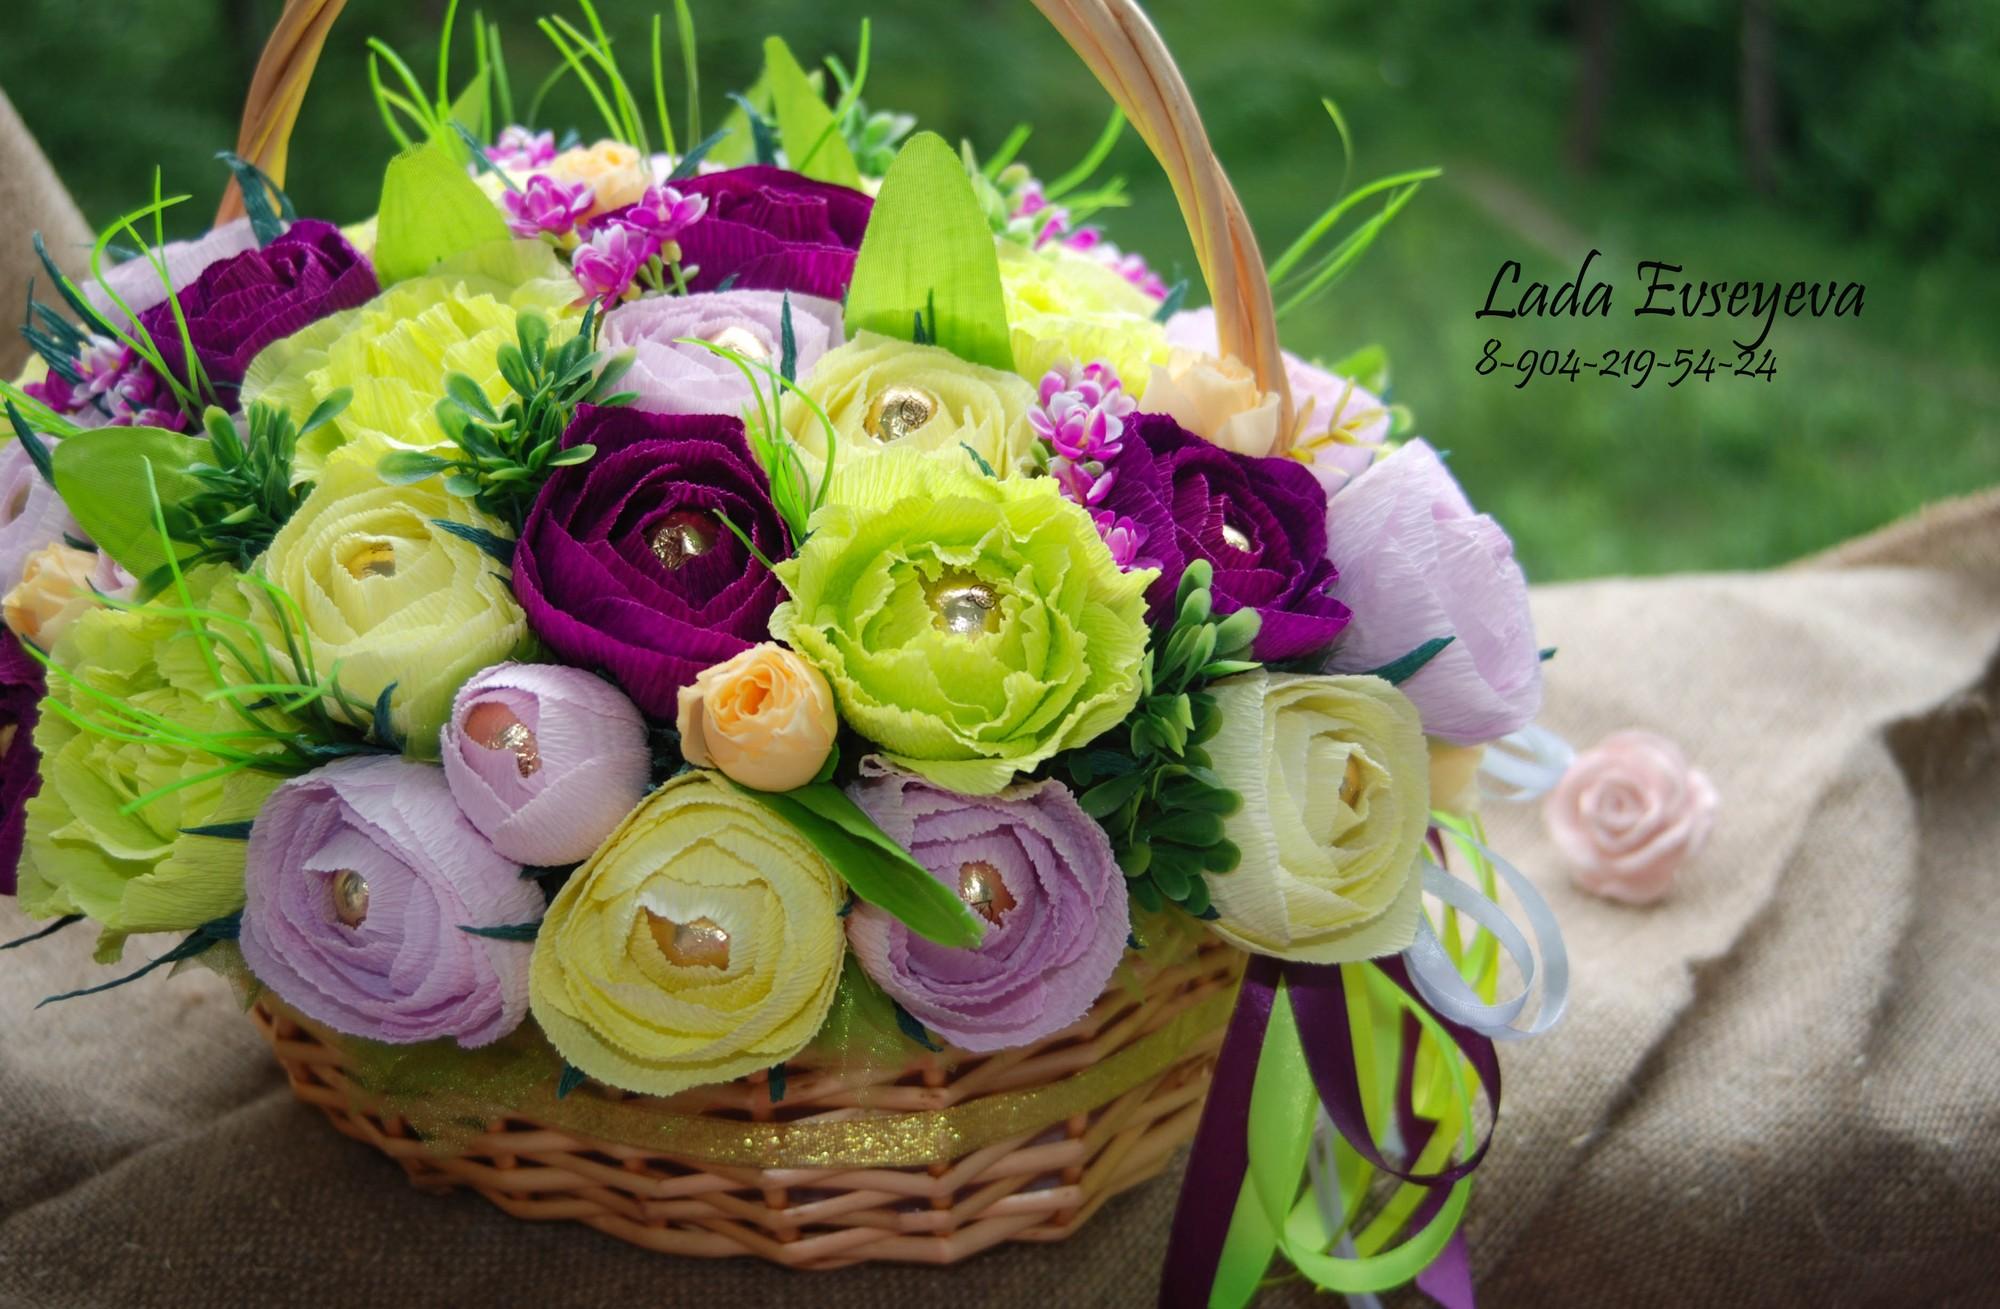 Композиция «Корзина с цветами из конфет» Мастер-класс своими руками 84